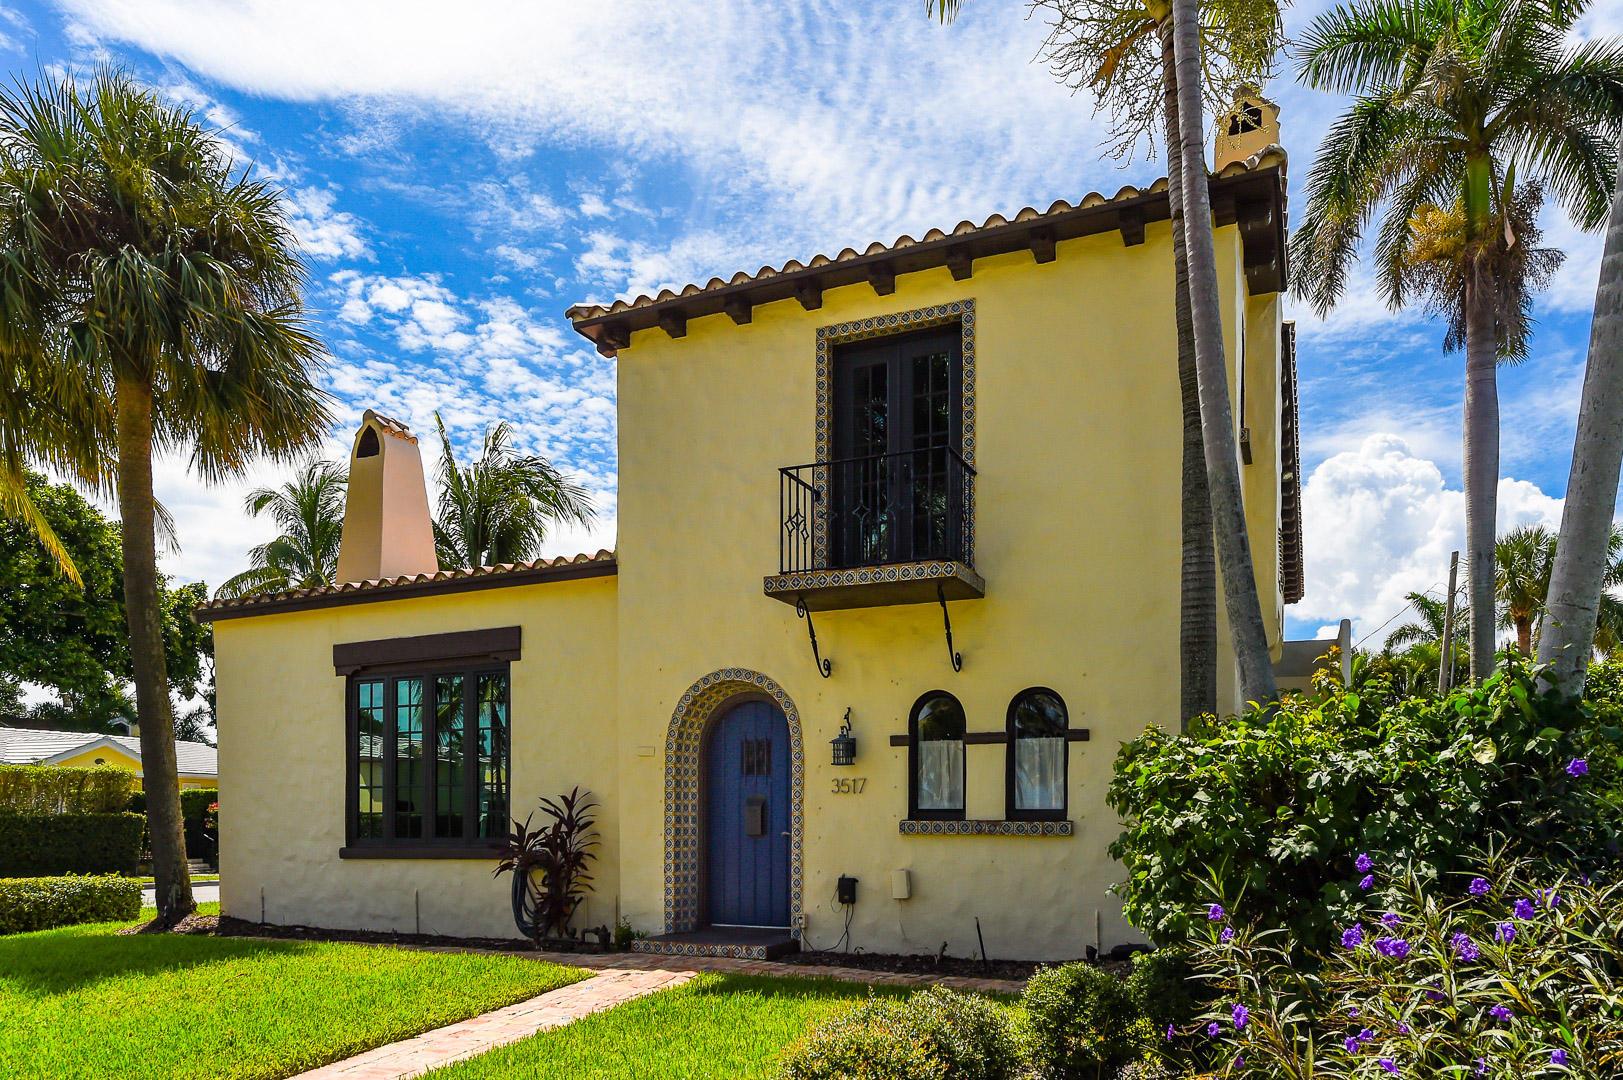 3517 Washington Road West Palm Beach, FL 33405